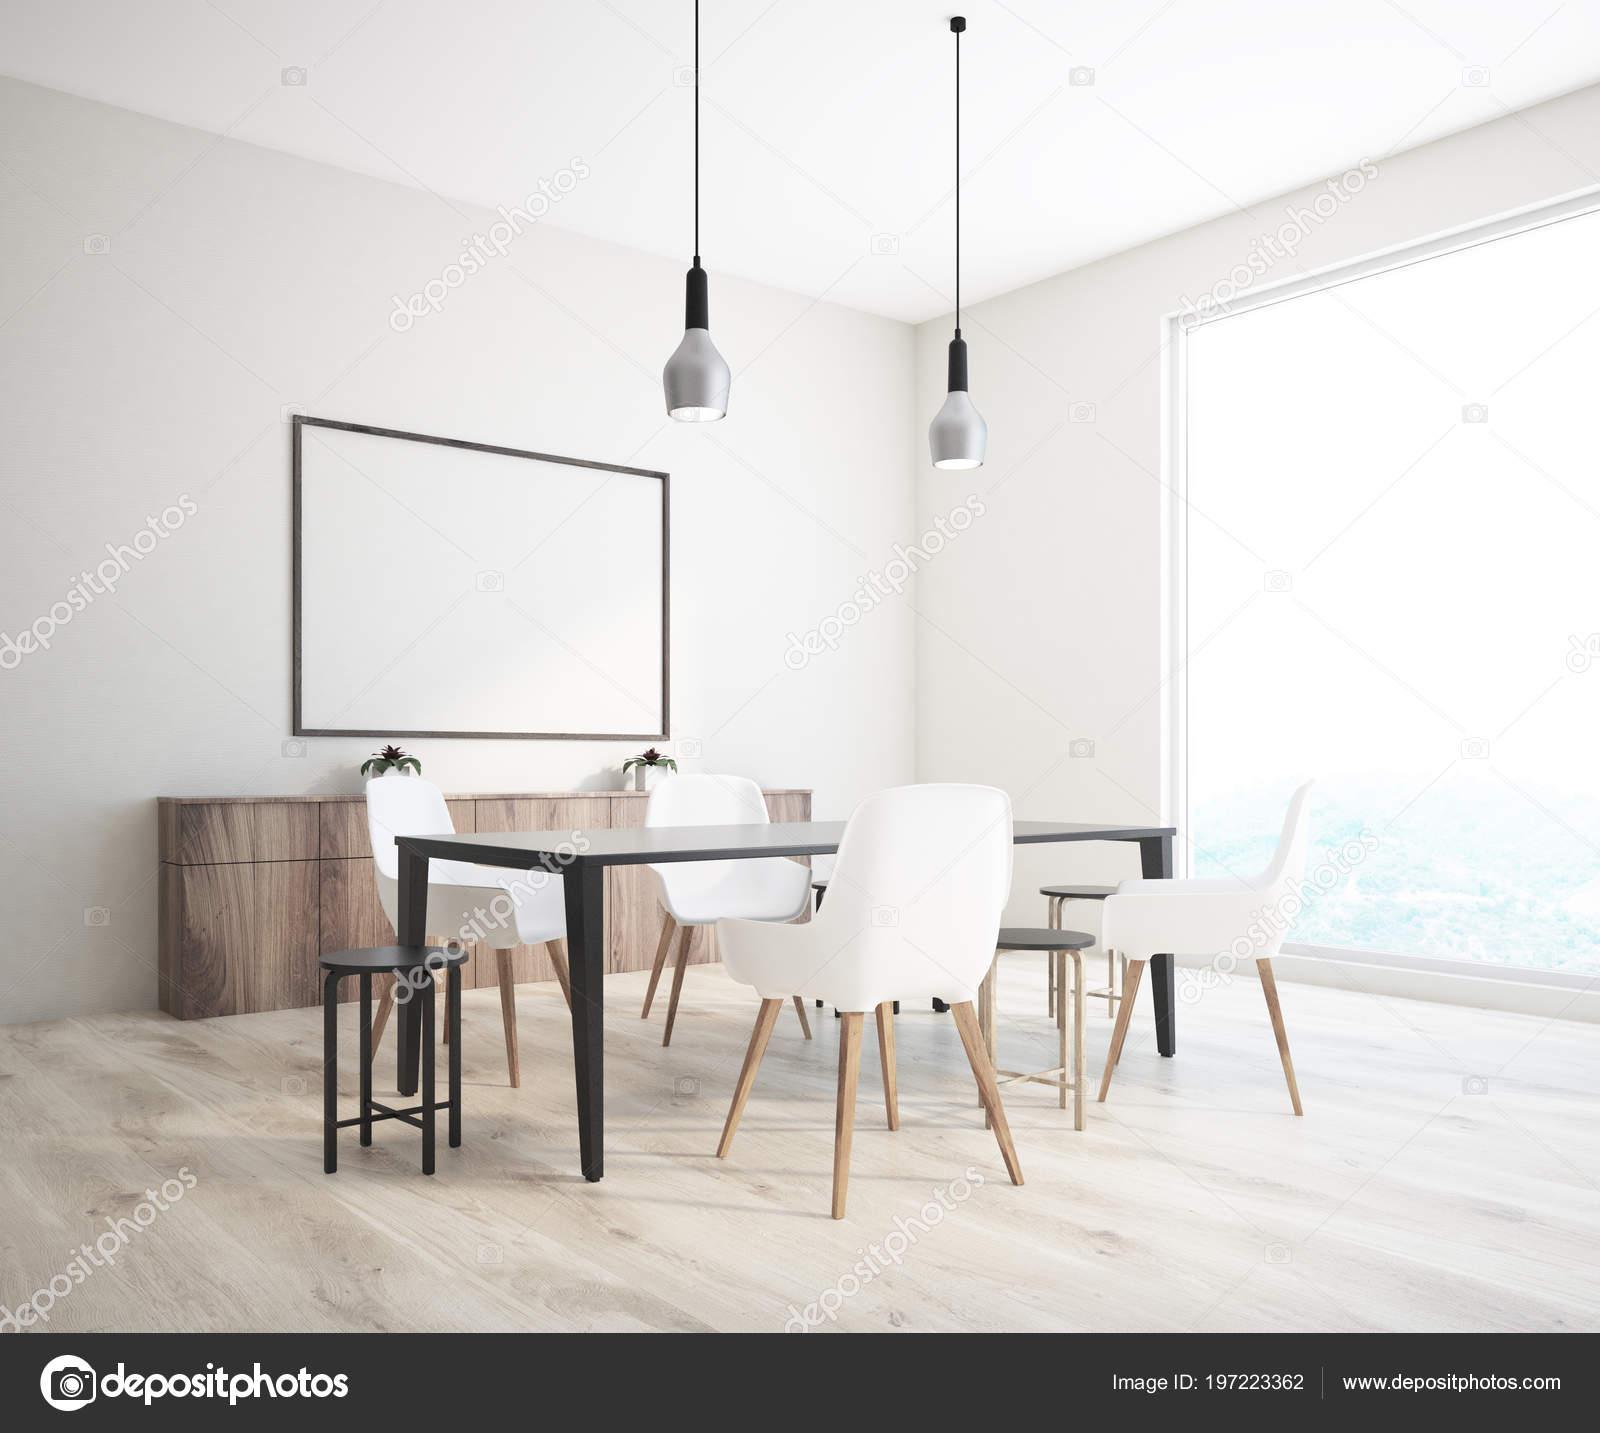 Angolo Bianco Muro Classico Sedie Nero Sala Con Pranzo Tavolo zSVpqLGUM